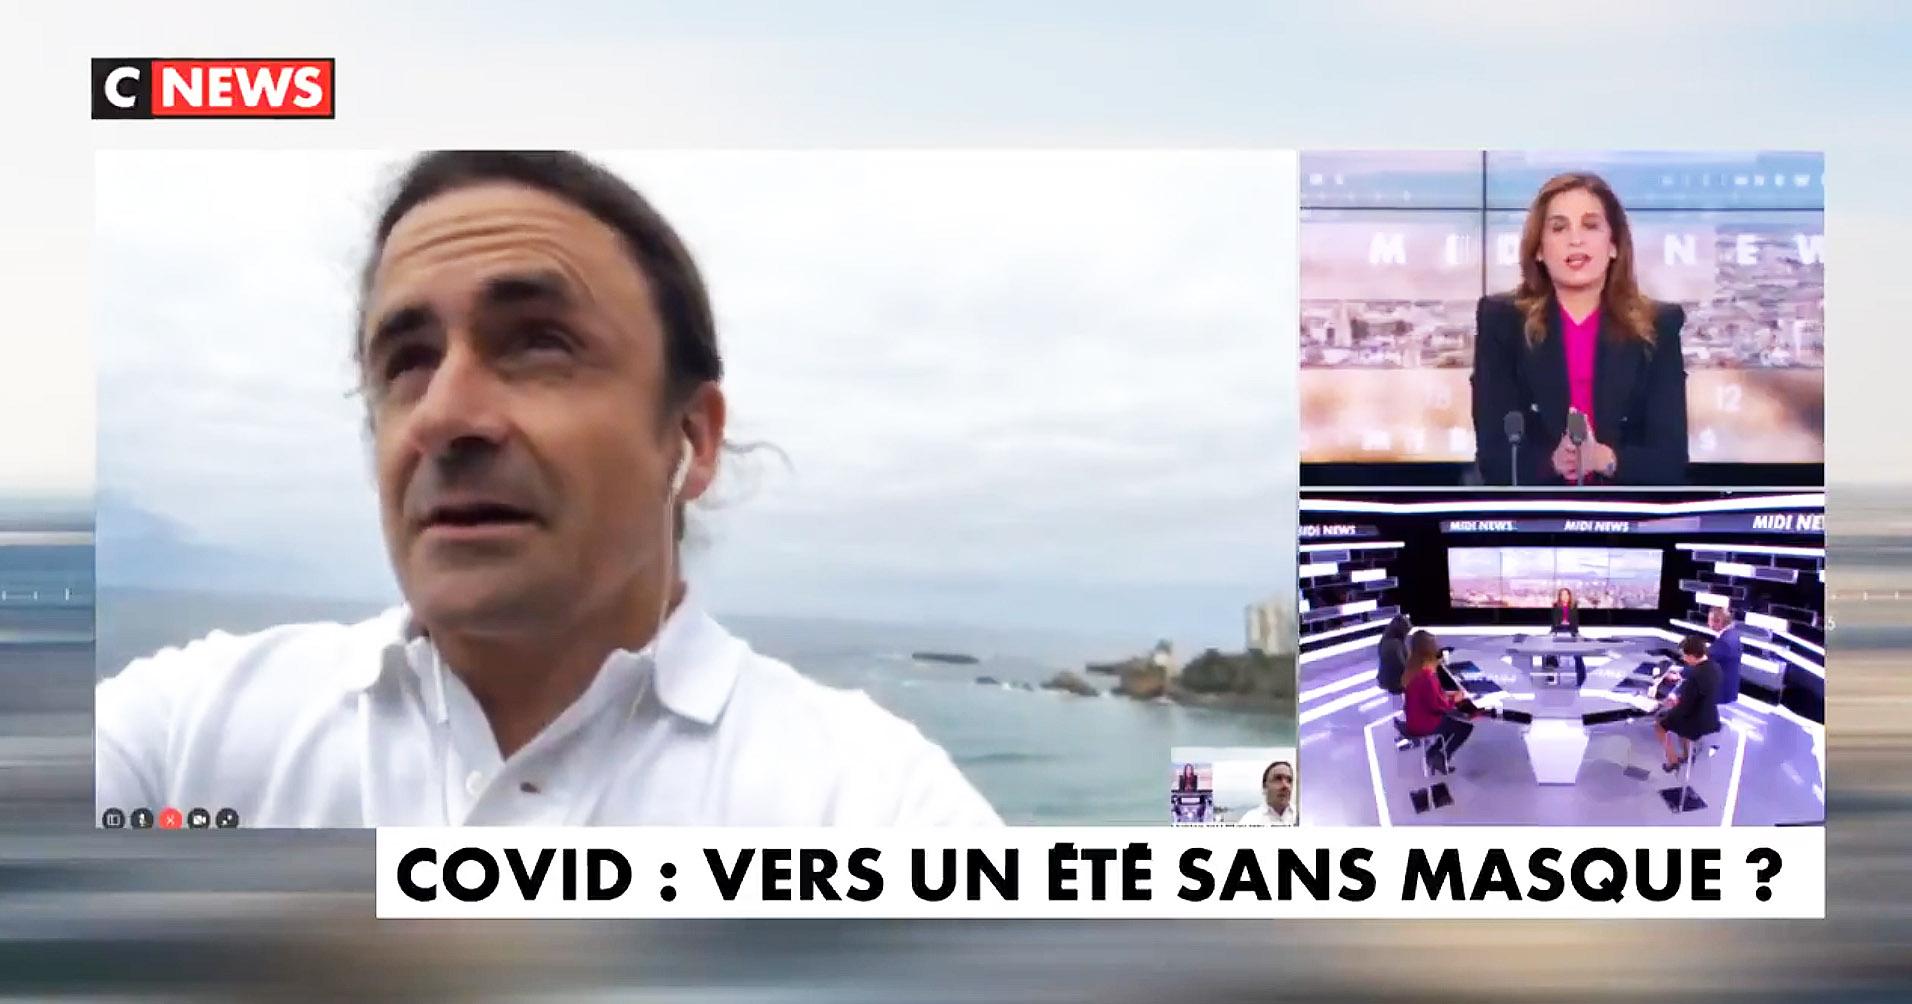 Le Dr Guillaume Barucq sur CNews : «Le port du masque, ça ne sert absolument à rien !»